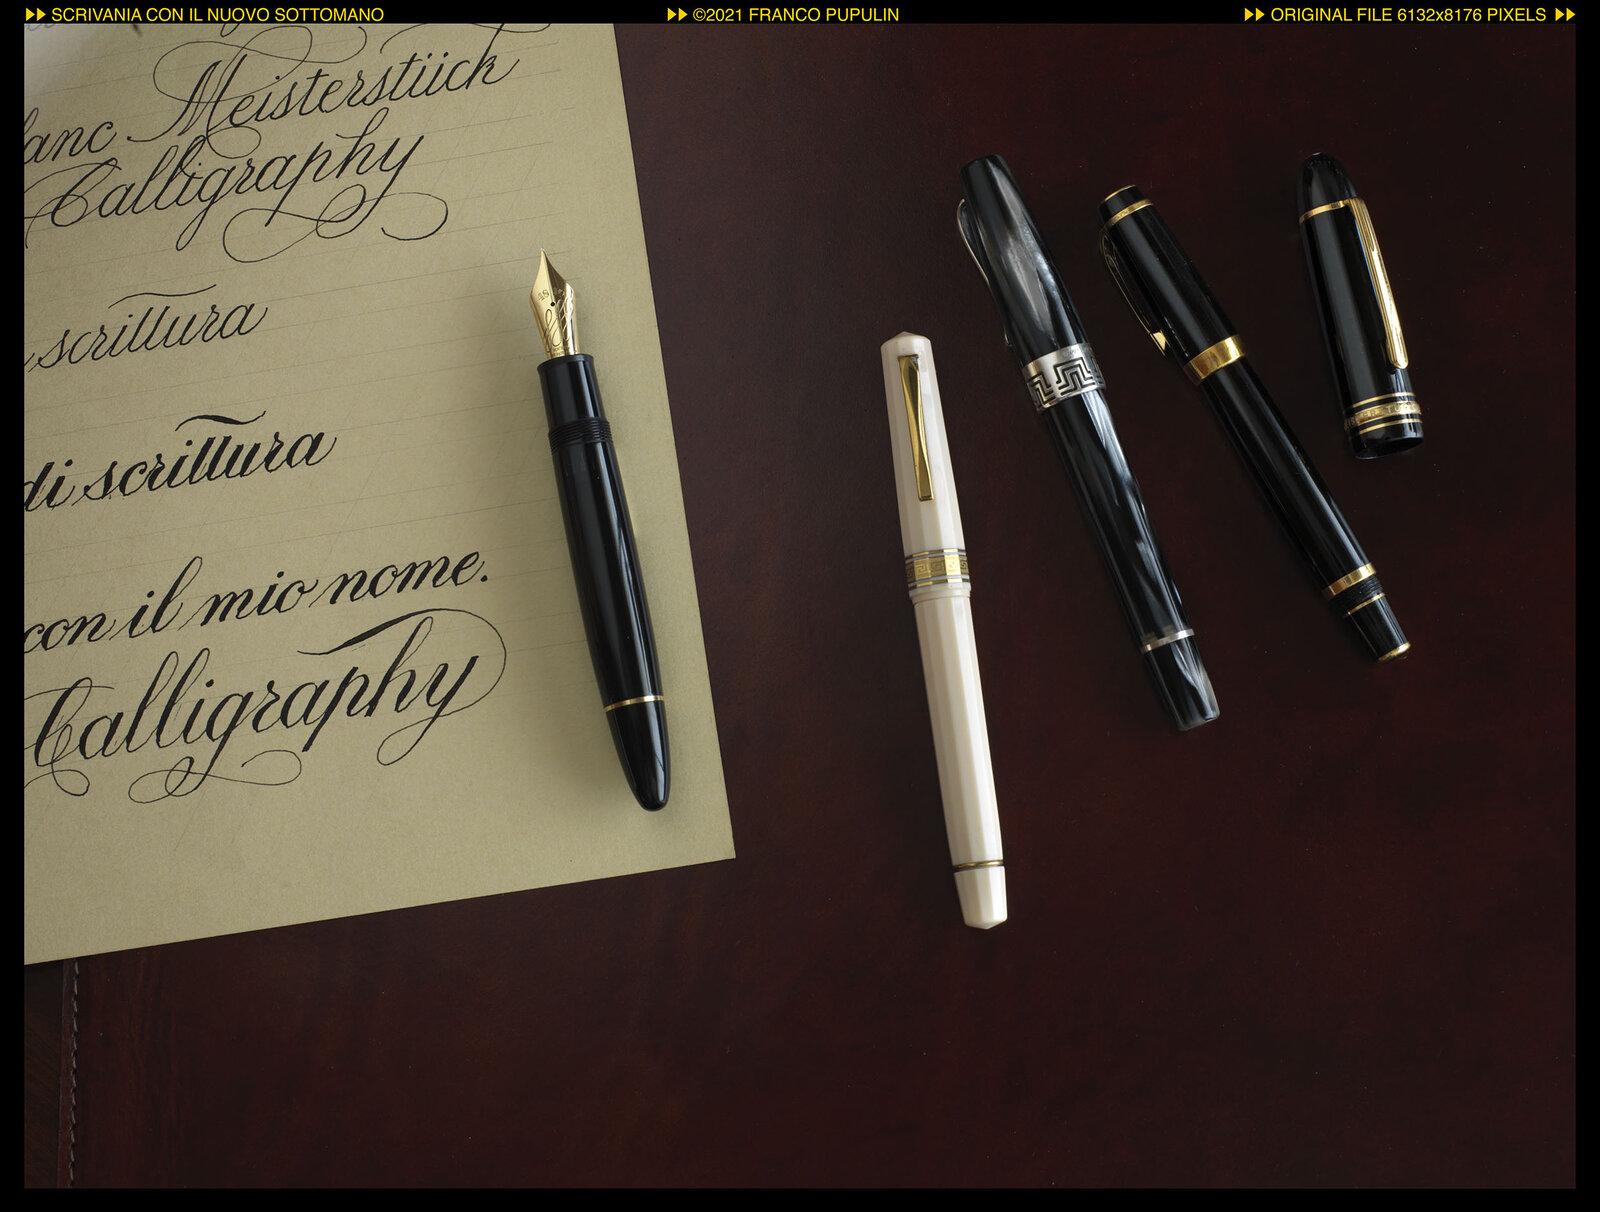 Scrivania con il nuovo sottomano (7) ©FP.jpg